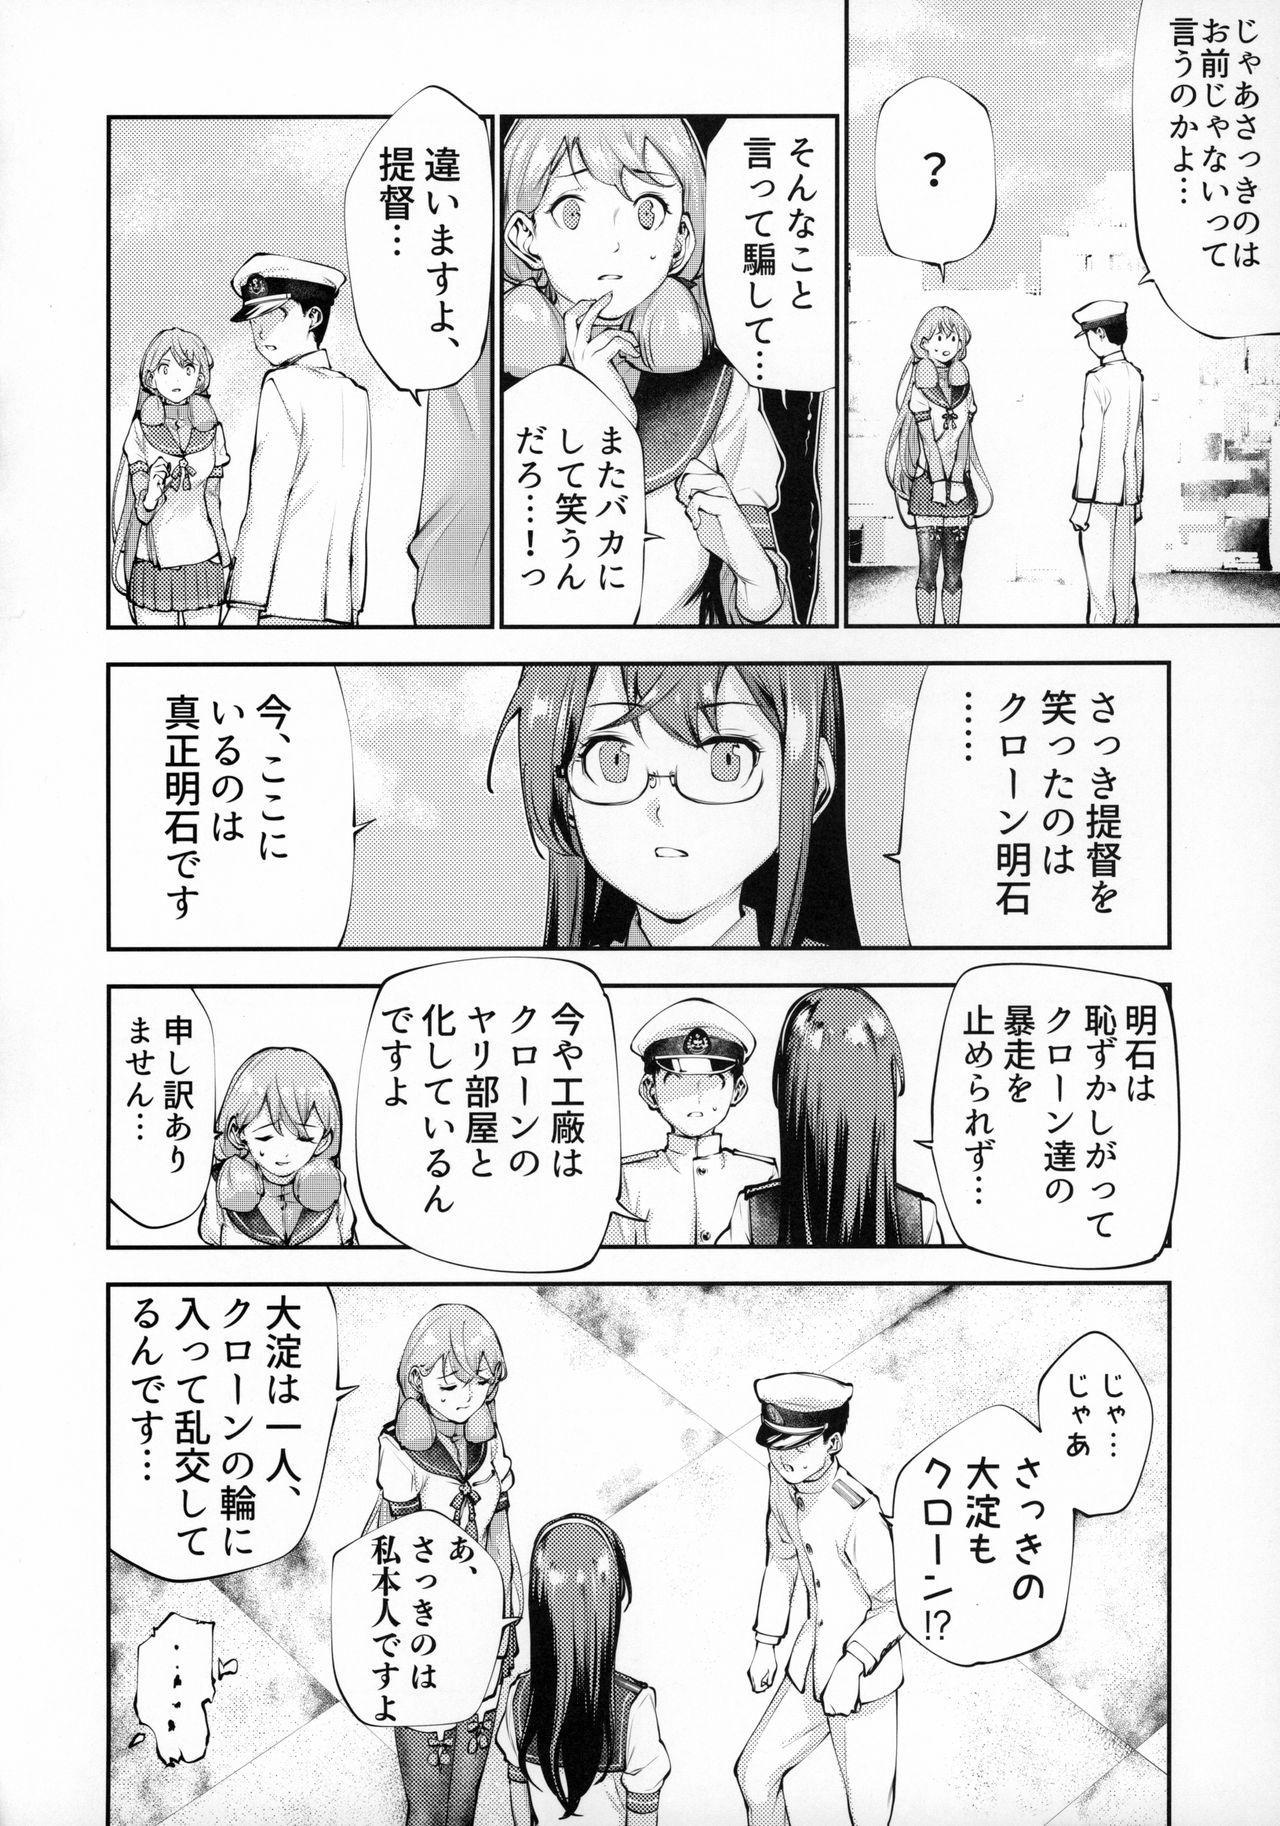 Teitoku Doutei Mugen Chuudoku Akashi 18